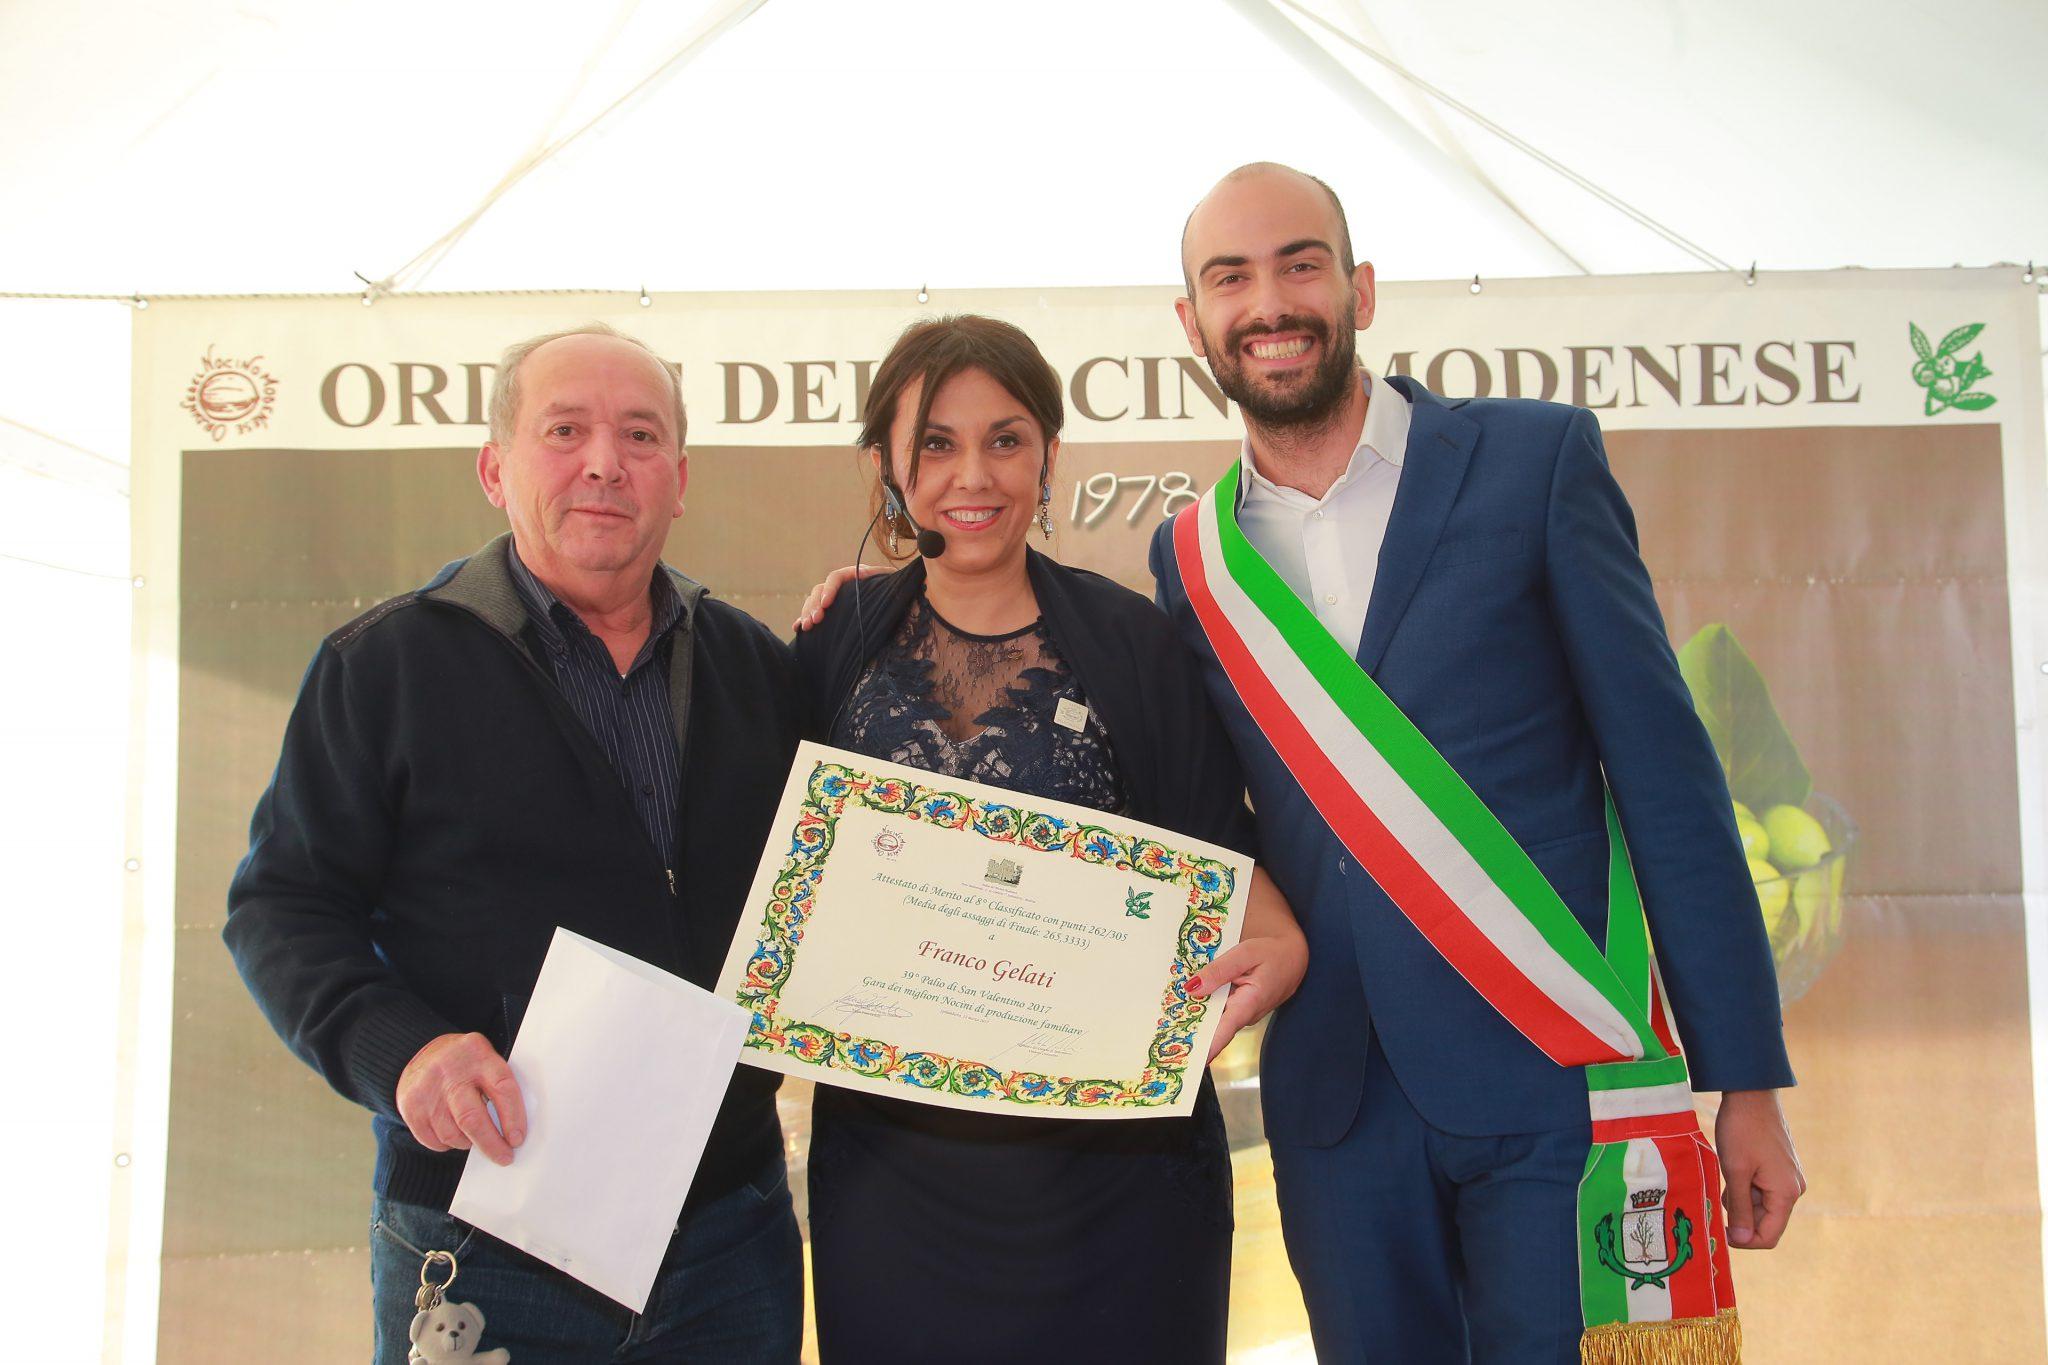 8° Classificato: Franco Gelati